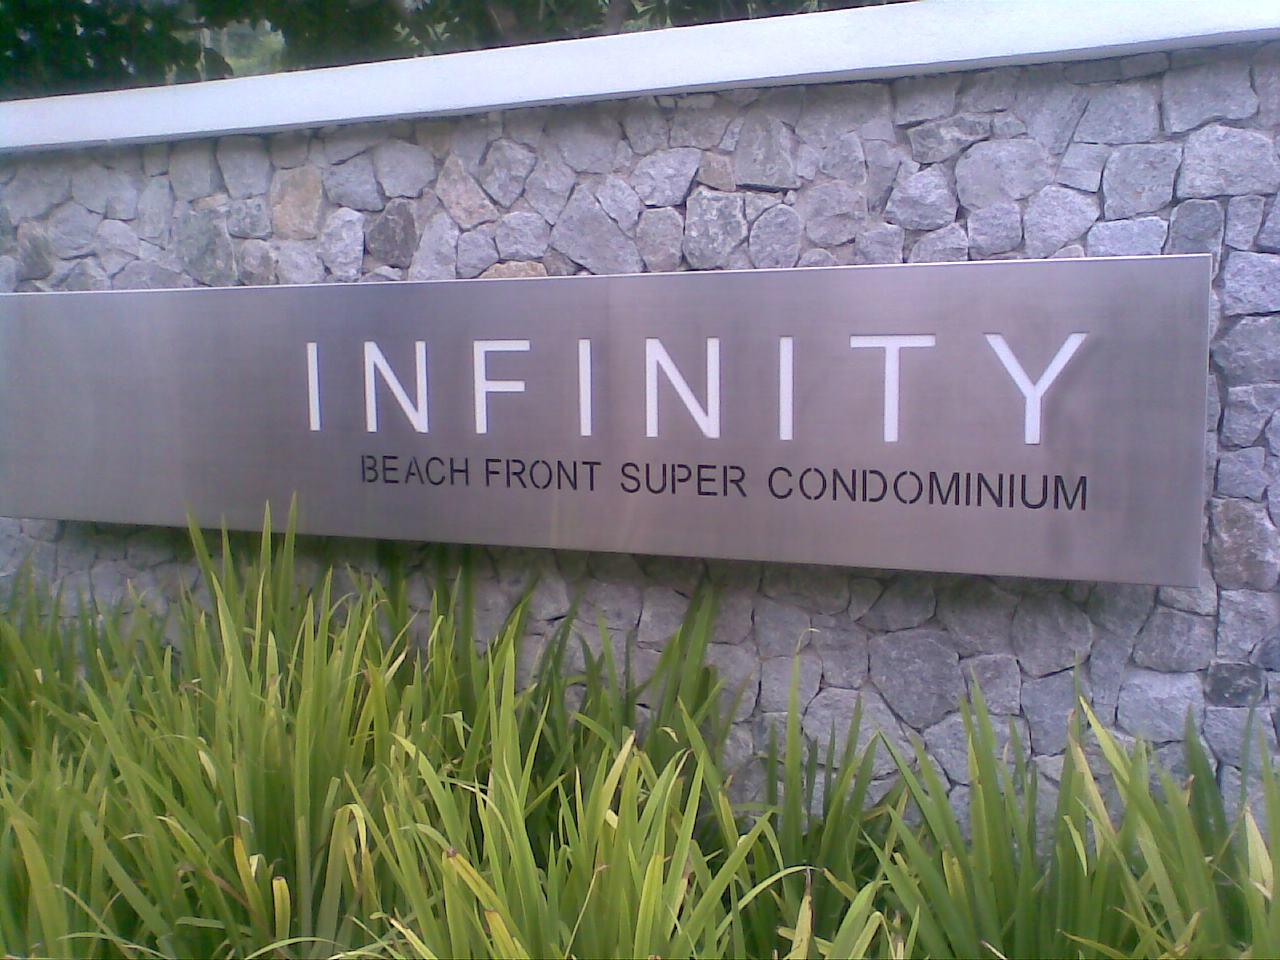 Infinity Beachfront Condominium